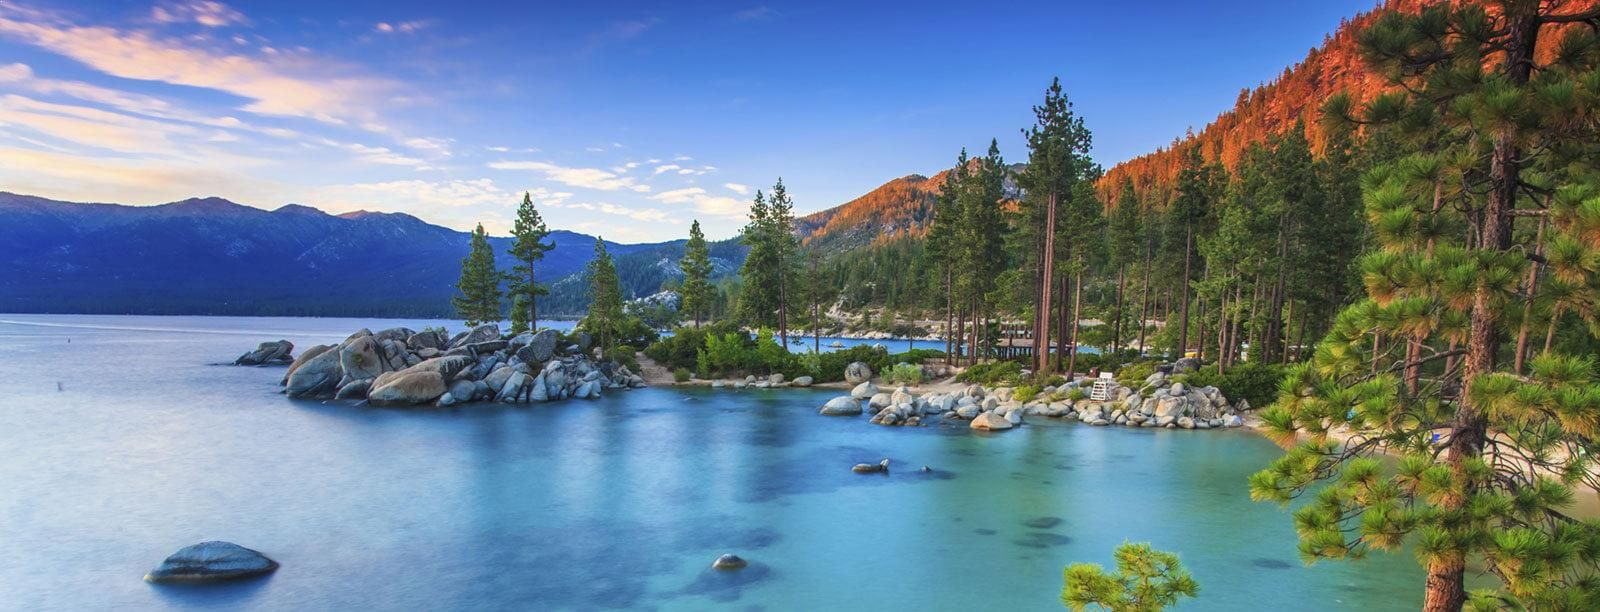 Charming south lake tahoe ca hotel 7 seas inn south